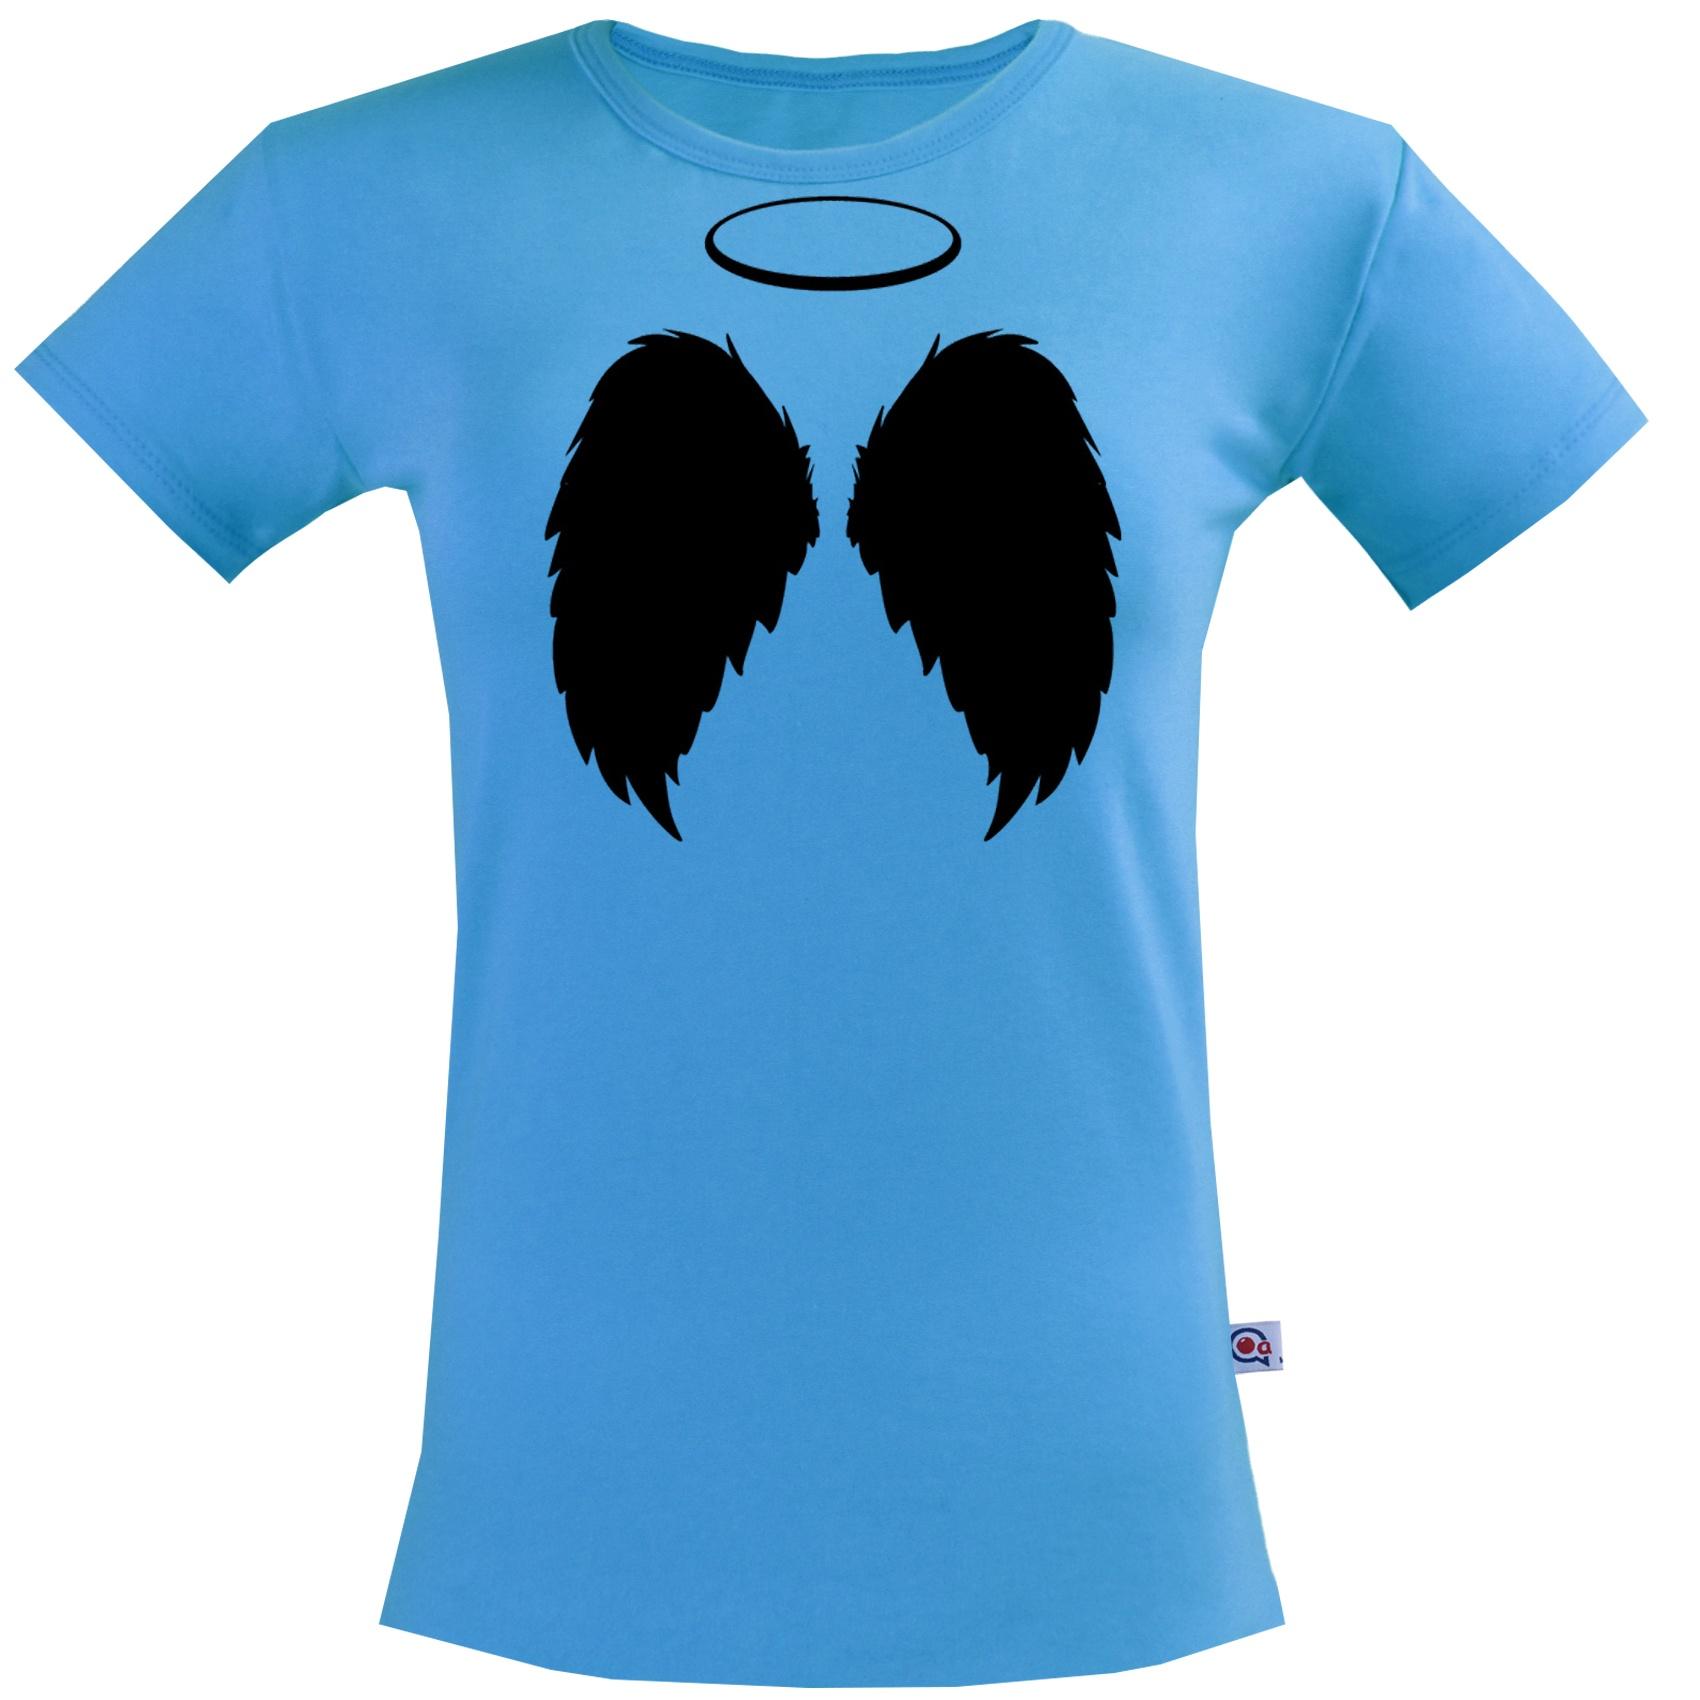 تیشرت آستین کوتاه  نه آکو طرح بال فرشته کد Na042